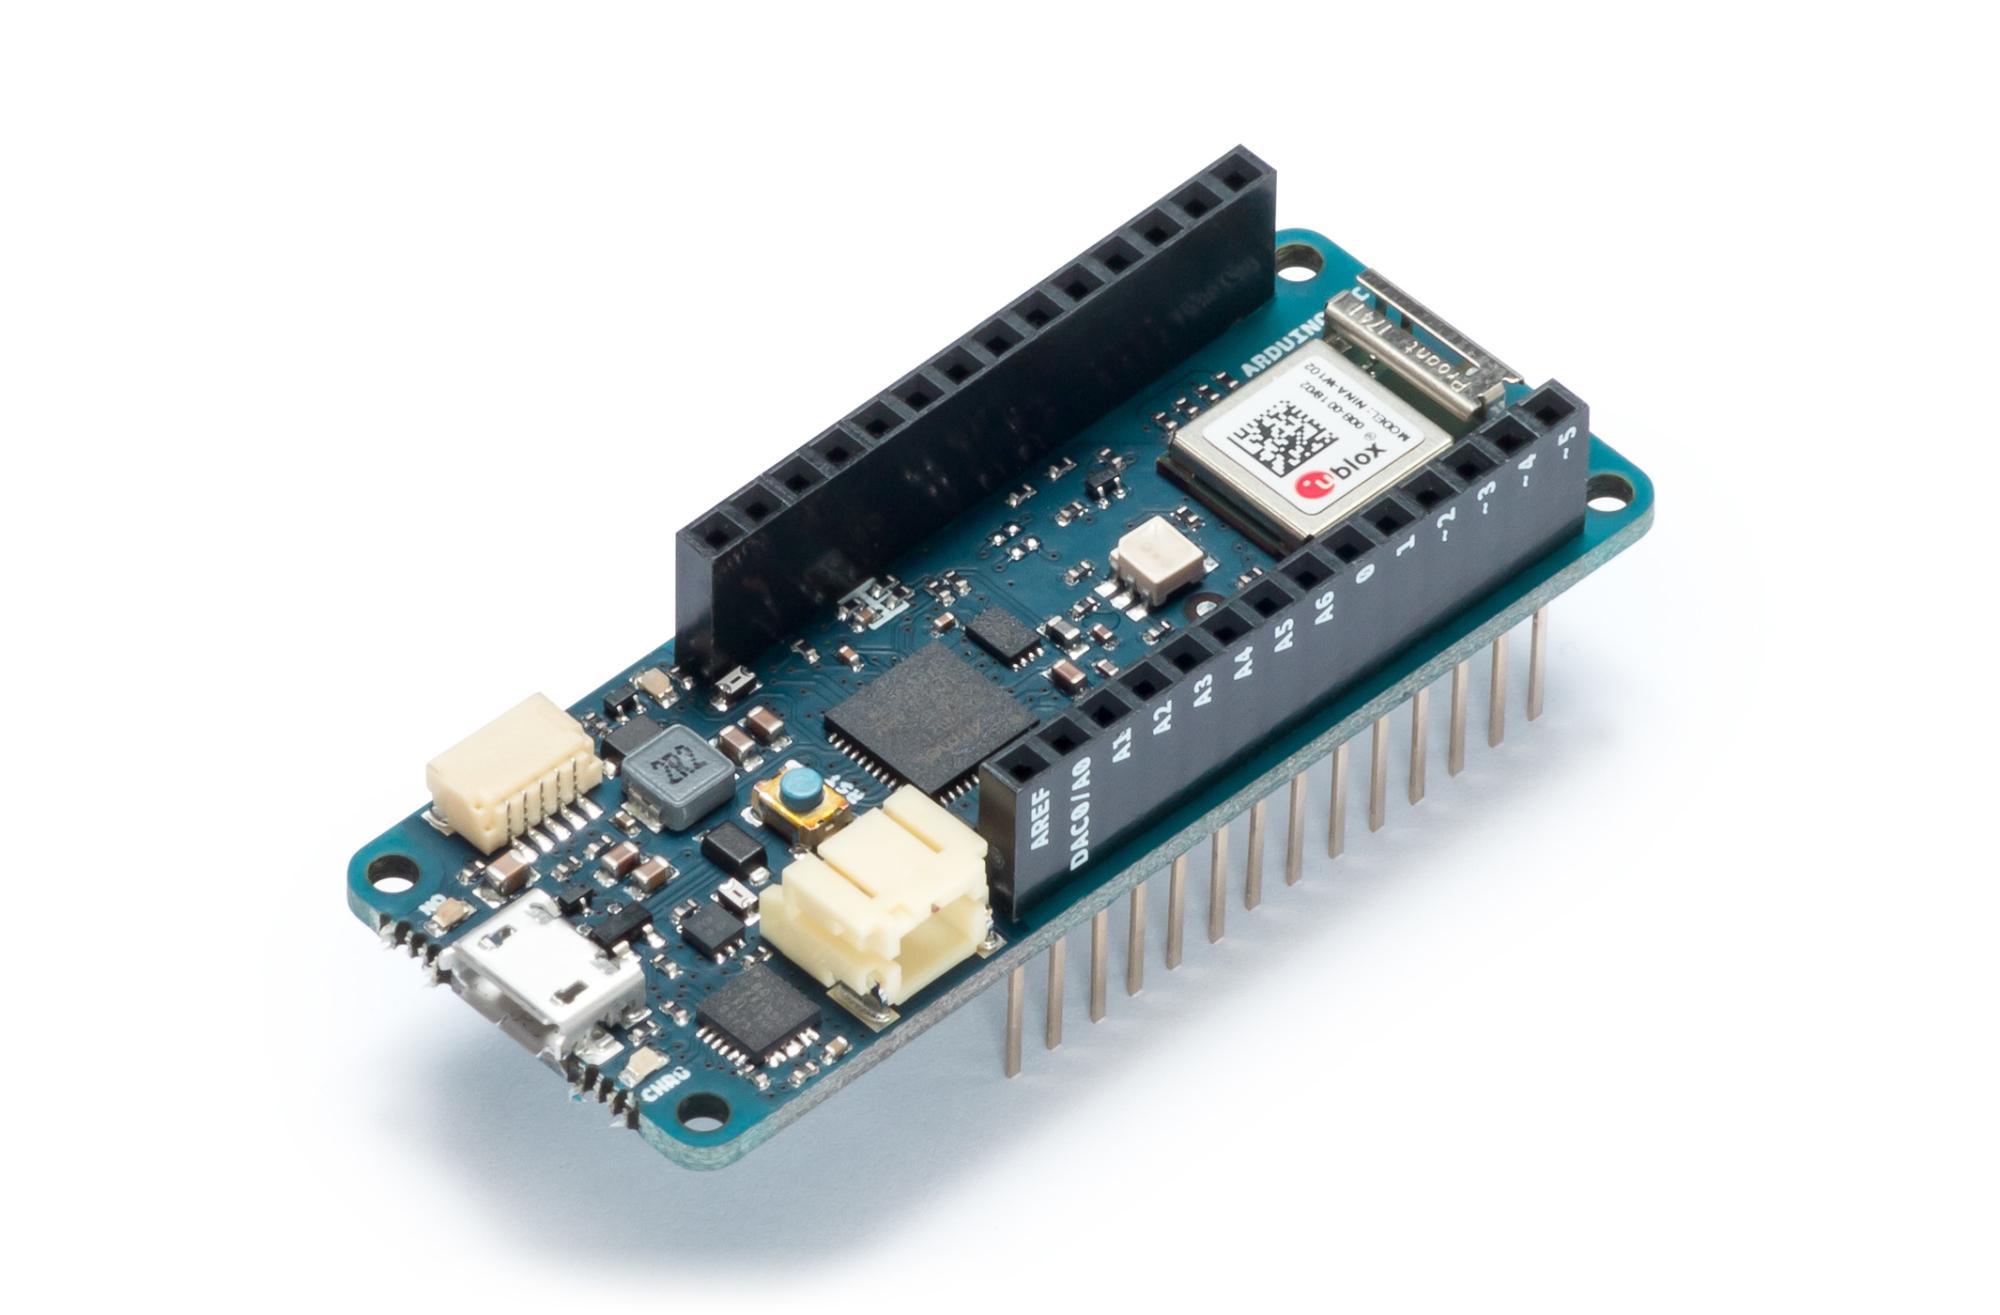 Arduino MKR Wifi 1010: schmales grünes Board